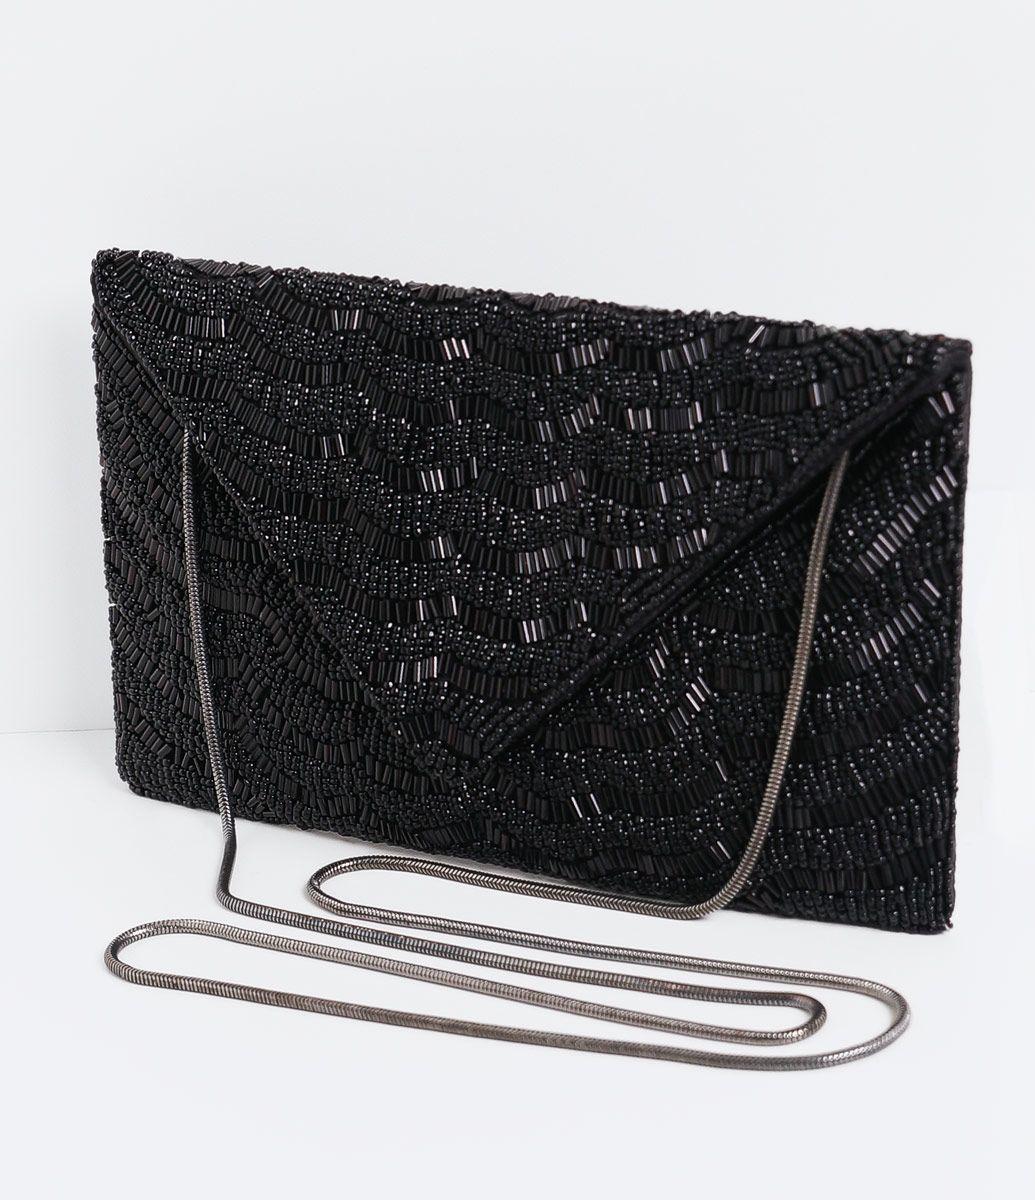 dac86f692 Bolsa feminina Modelo clutch Envelope Com bordado Marca: Satinato Material:  cetim Composição: 100